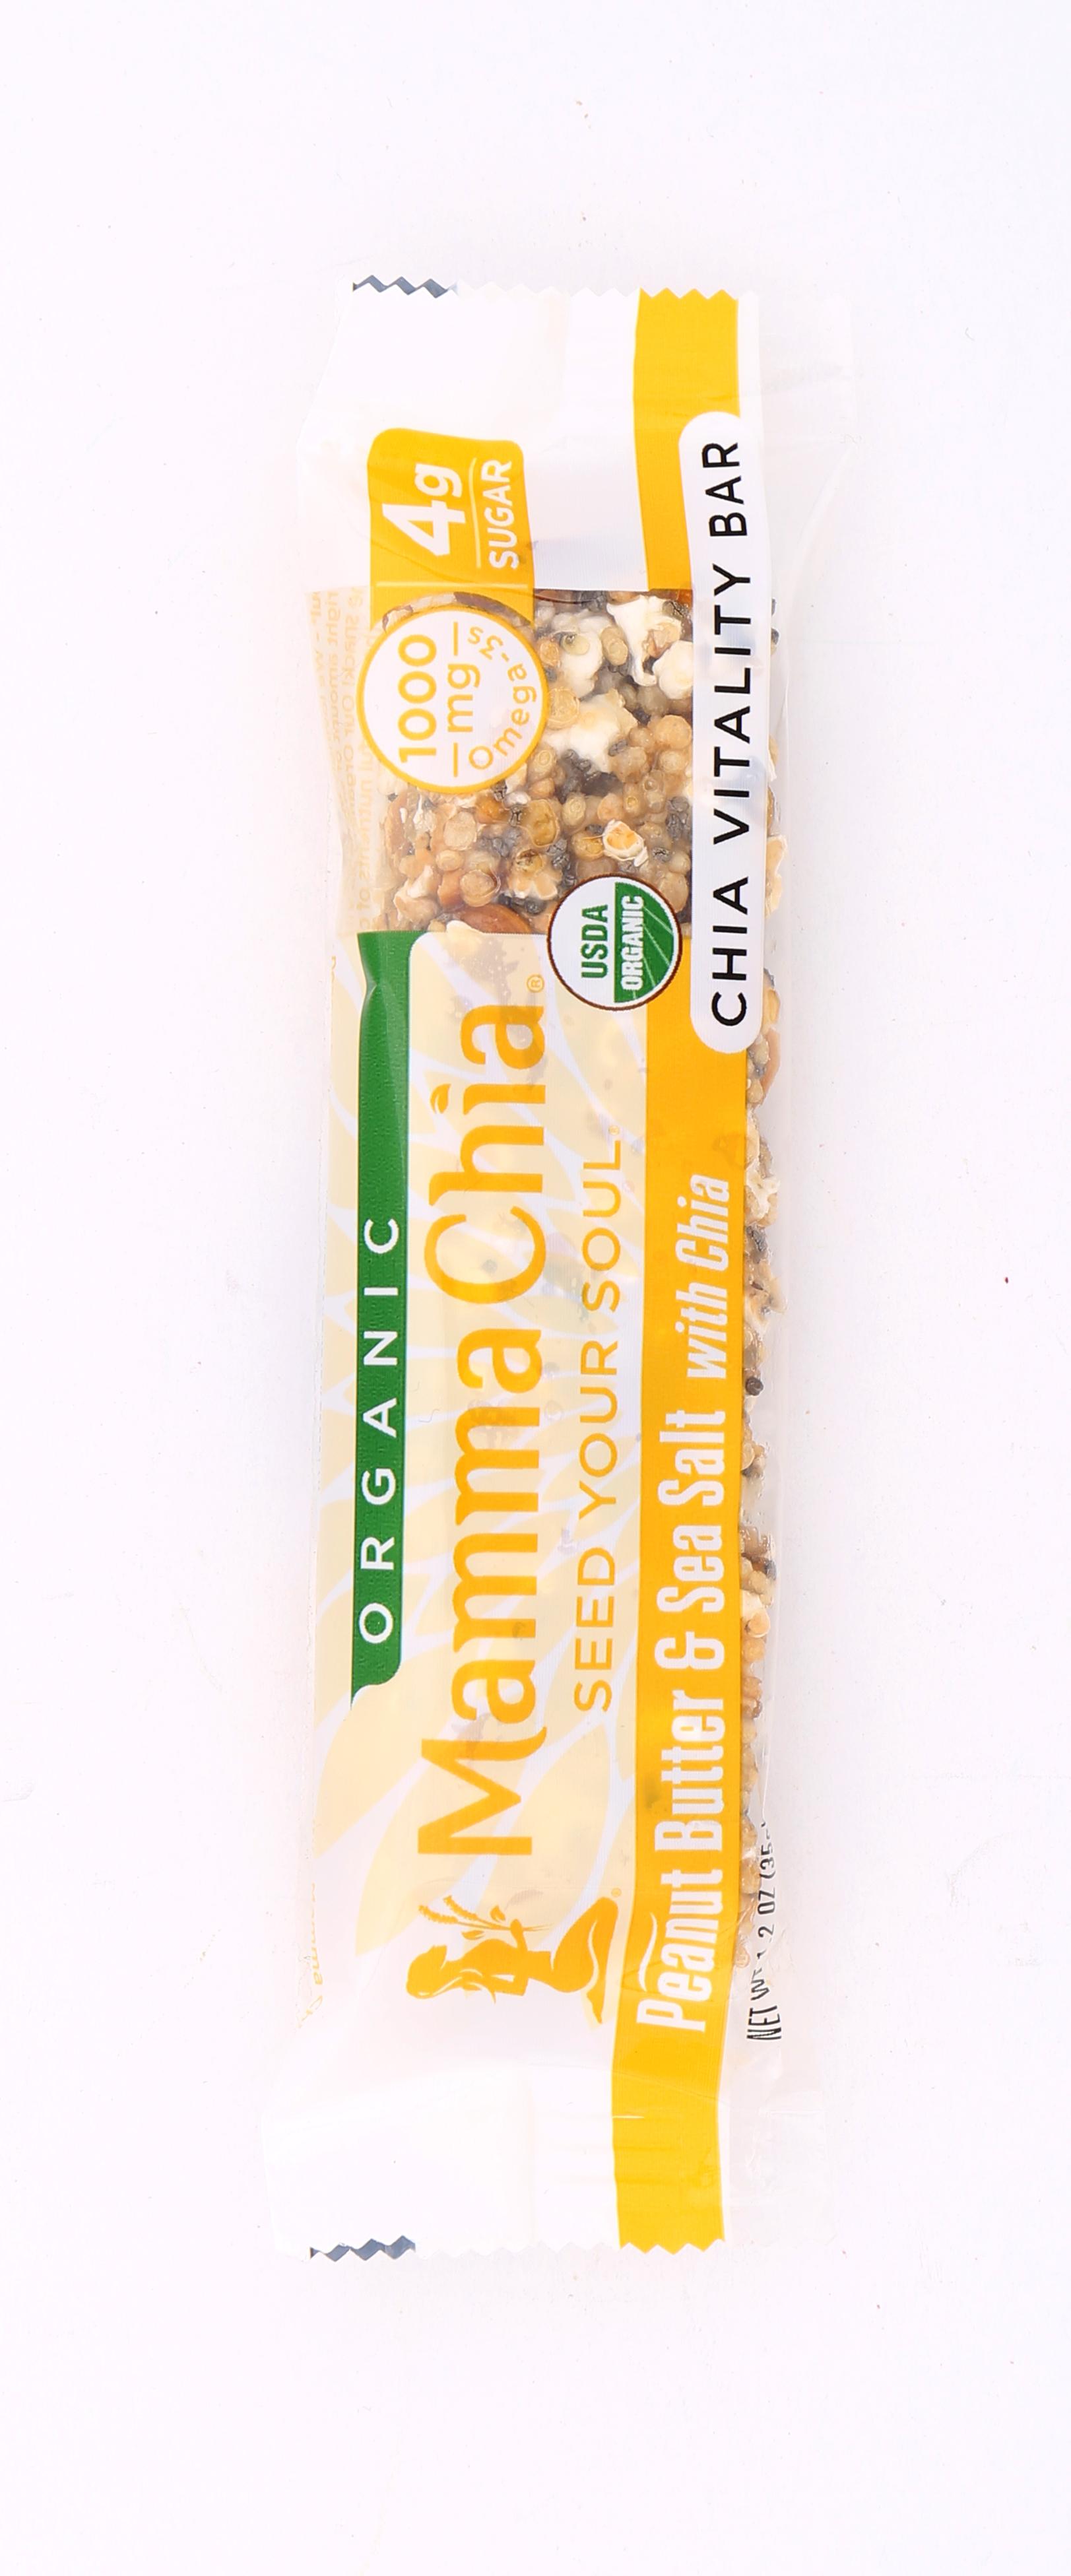 Peanut Butter & Sea Salt